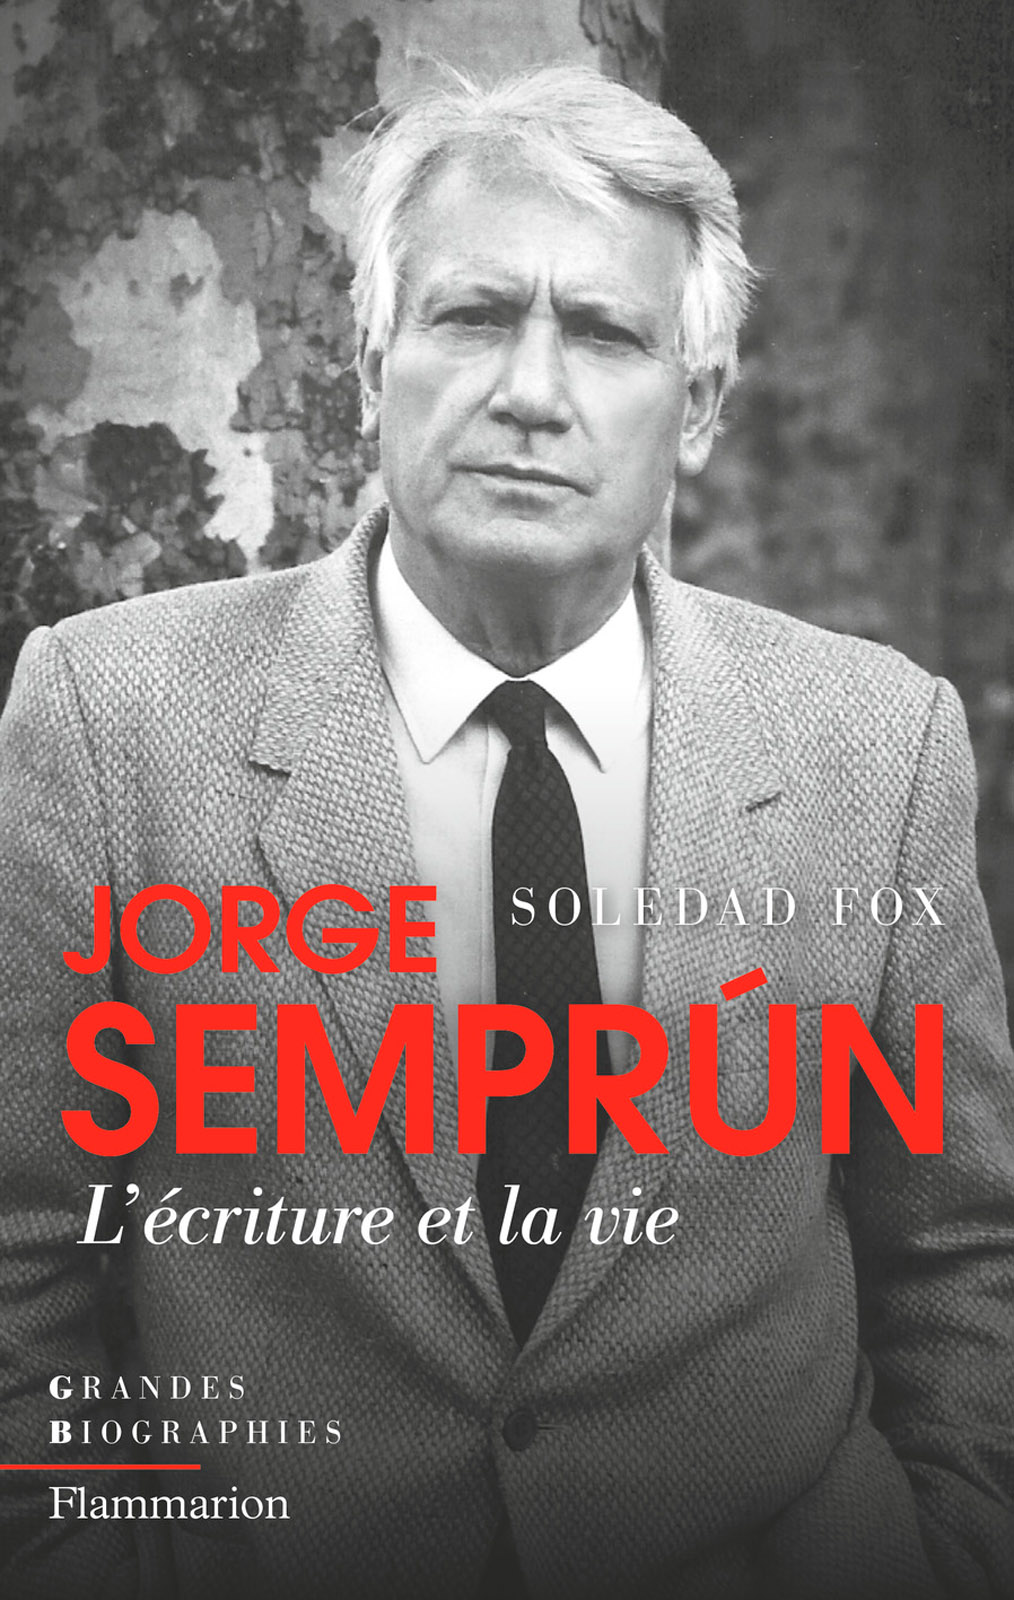 Jorge Semprún. L'écriture et la vie